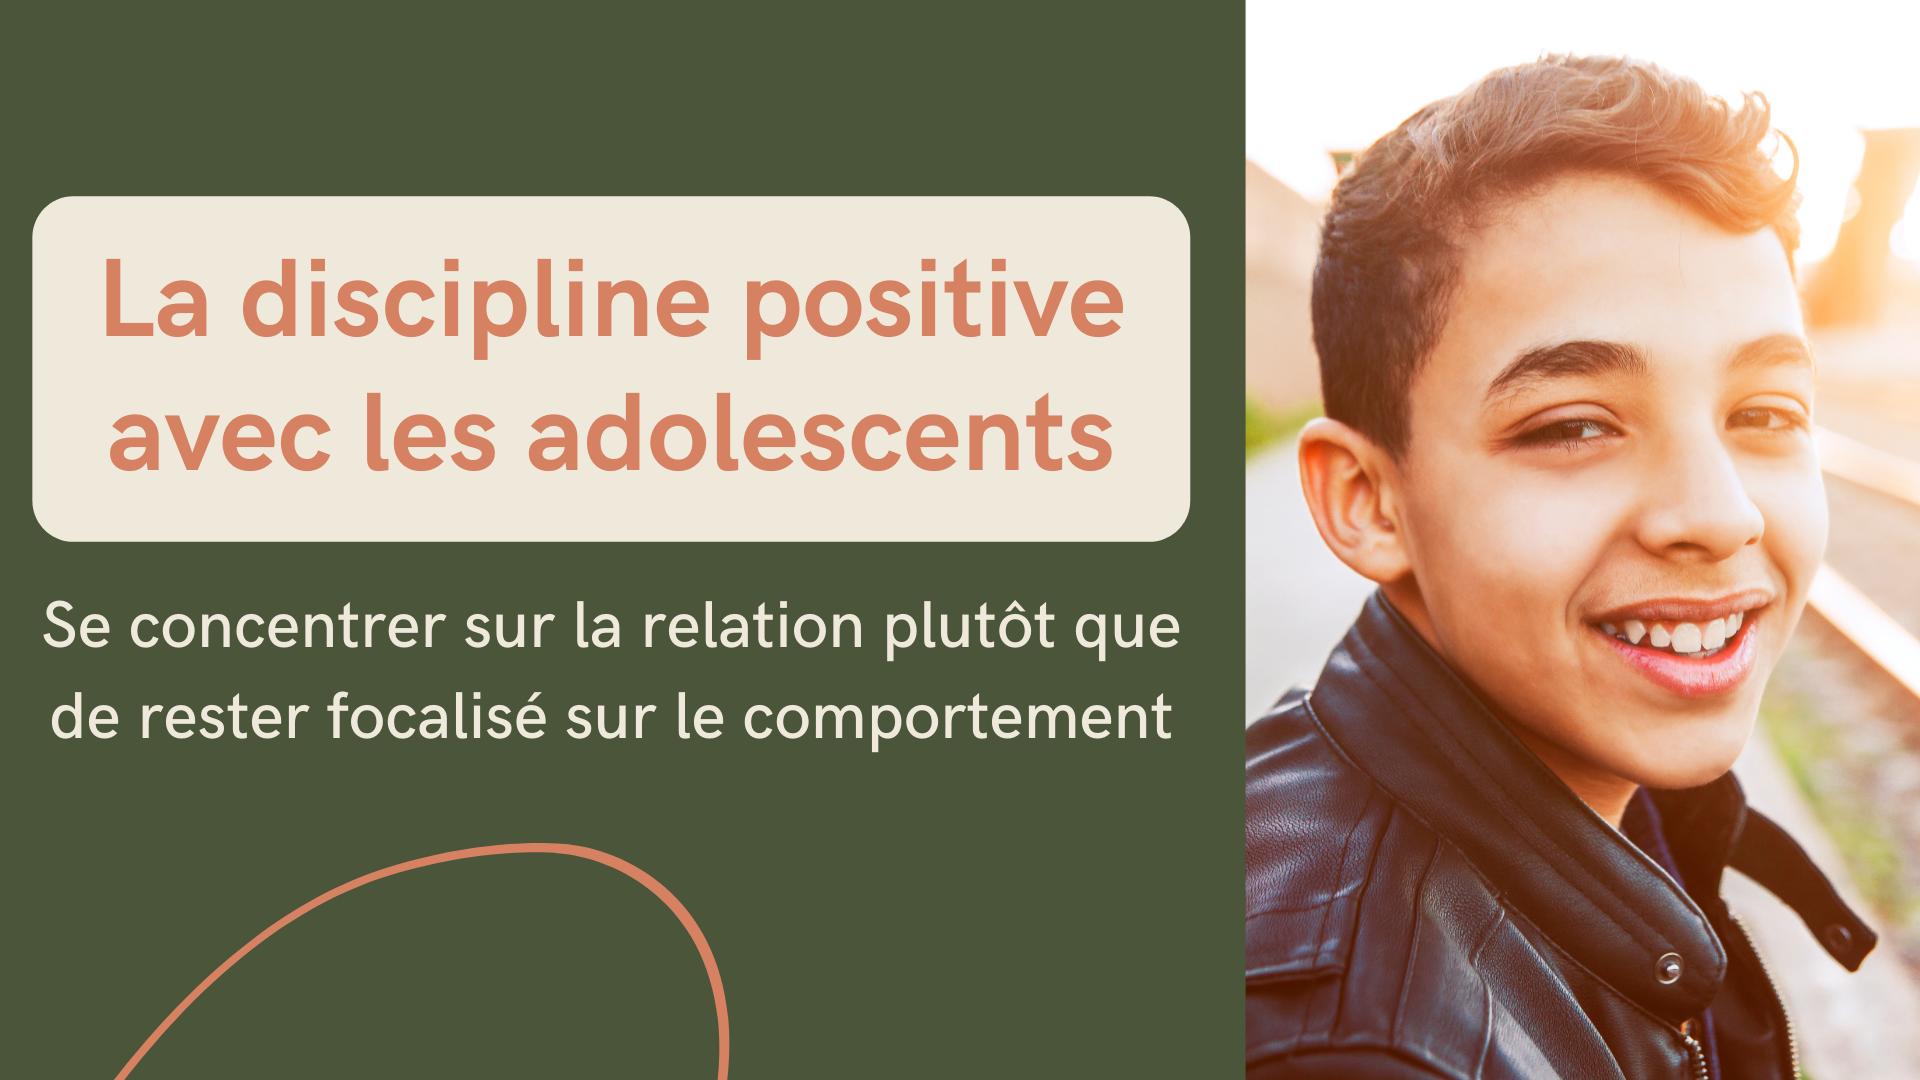 Discipline positive avec les adolescents relation moment qualité